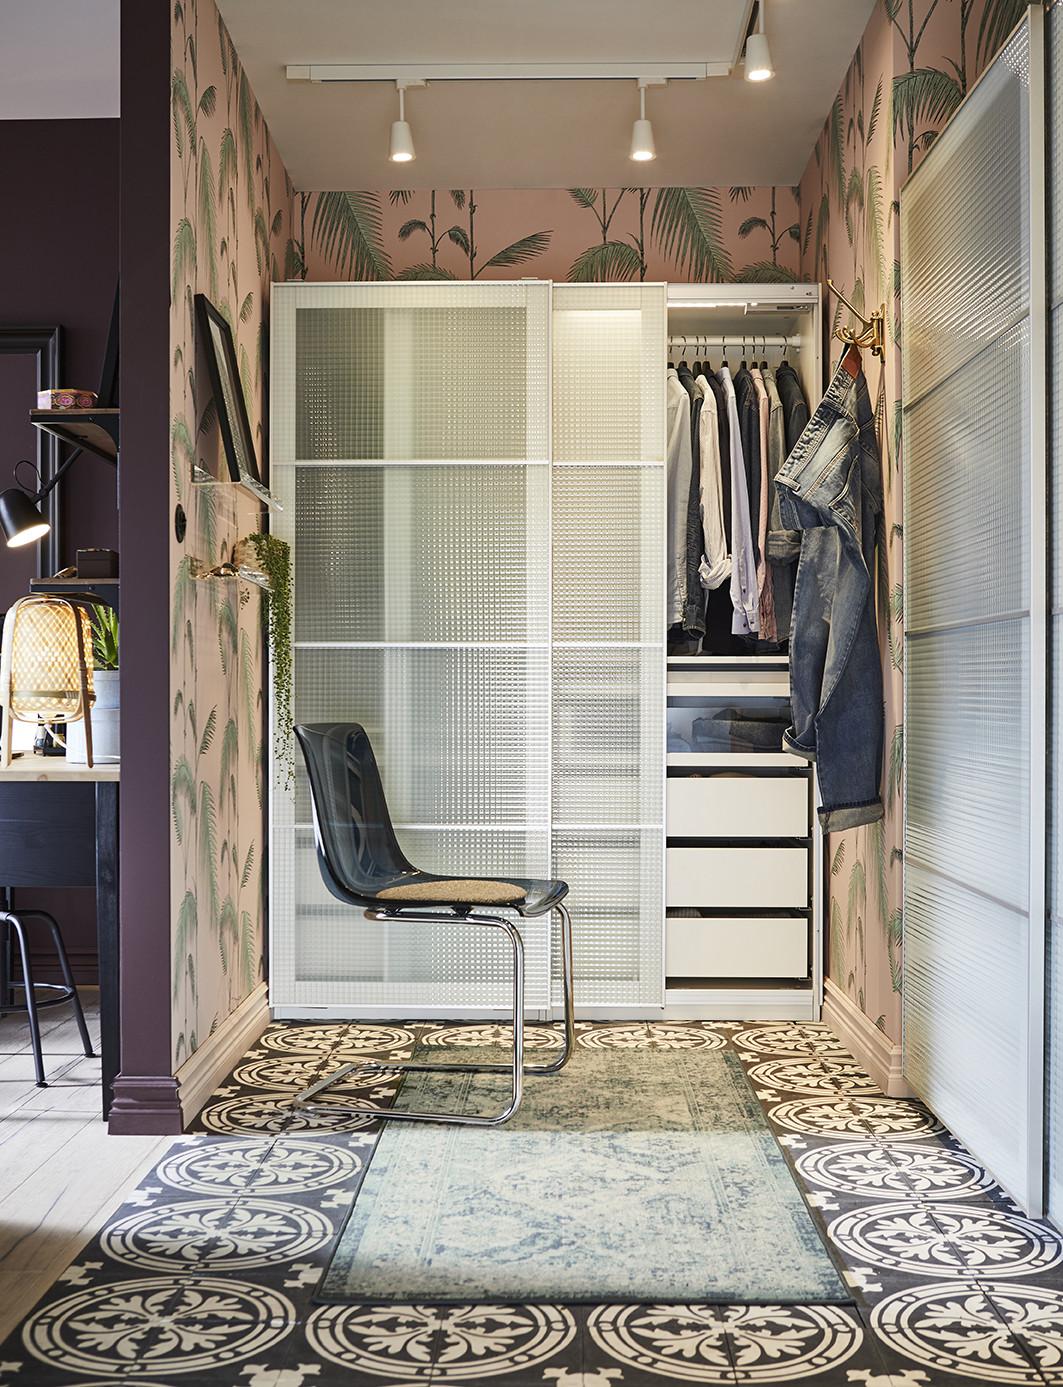 catalogo ikea 2020 dormitorio con armario puertas cristal esmerilado y silla plástico negra